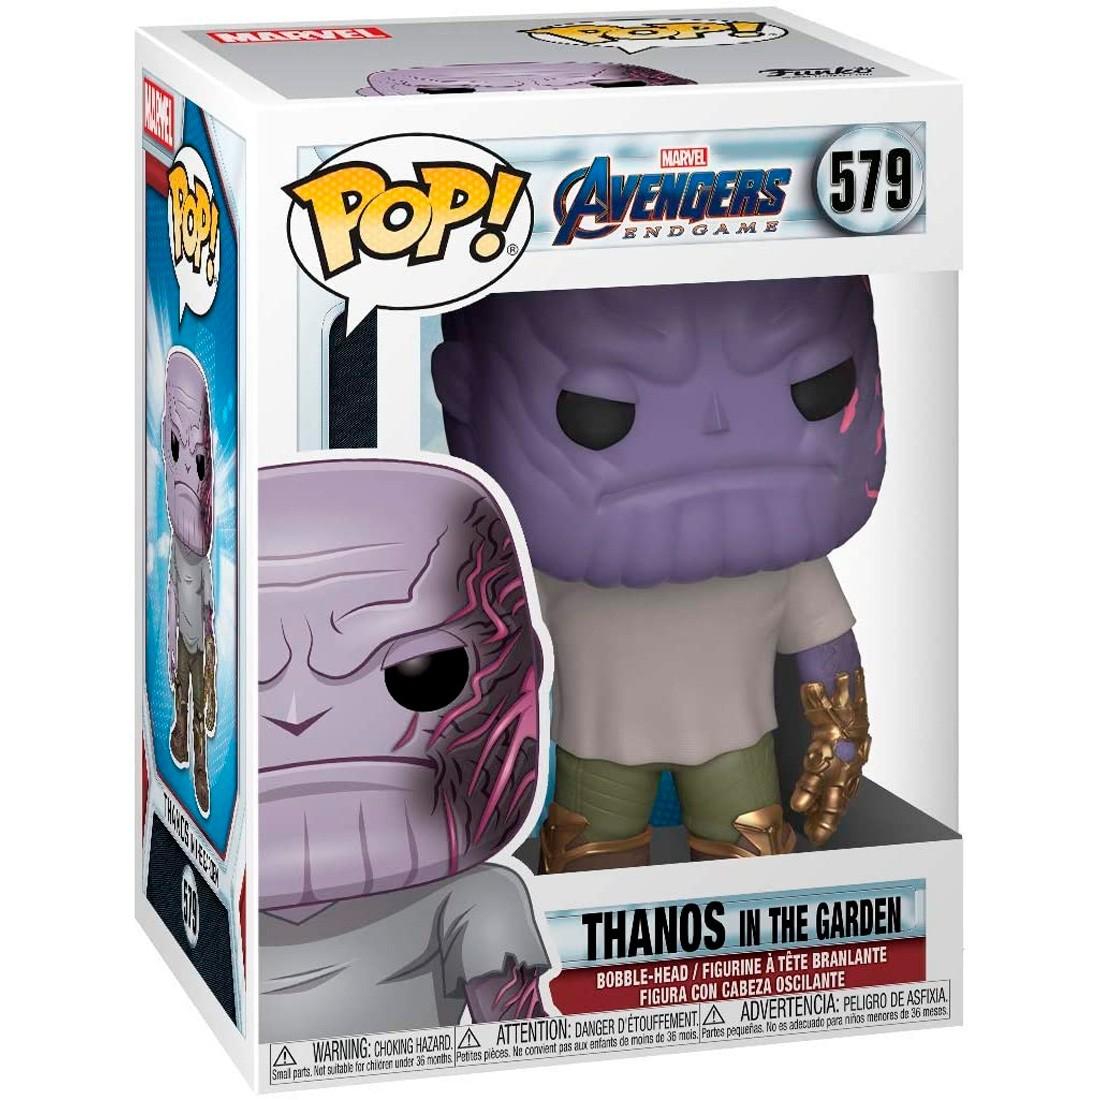 Funko Pop! Marvel Avengers Endgame 579 Thanos in the Garden